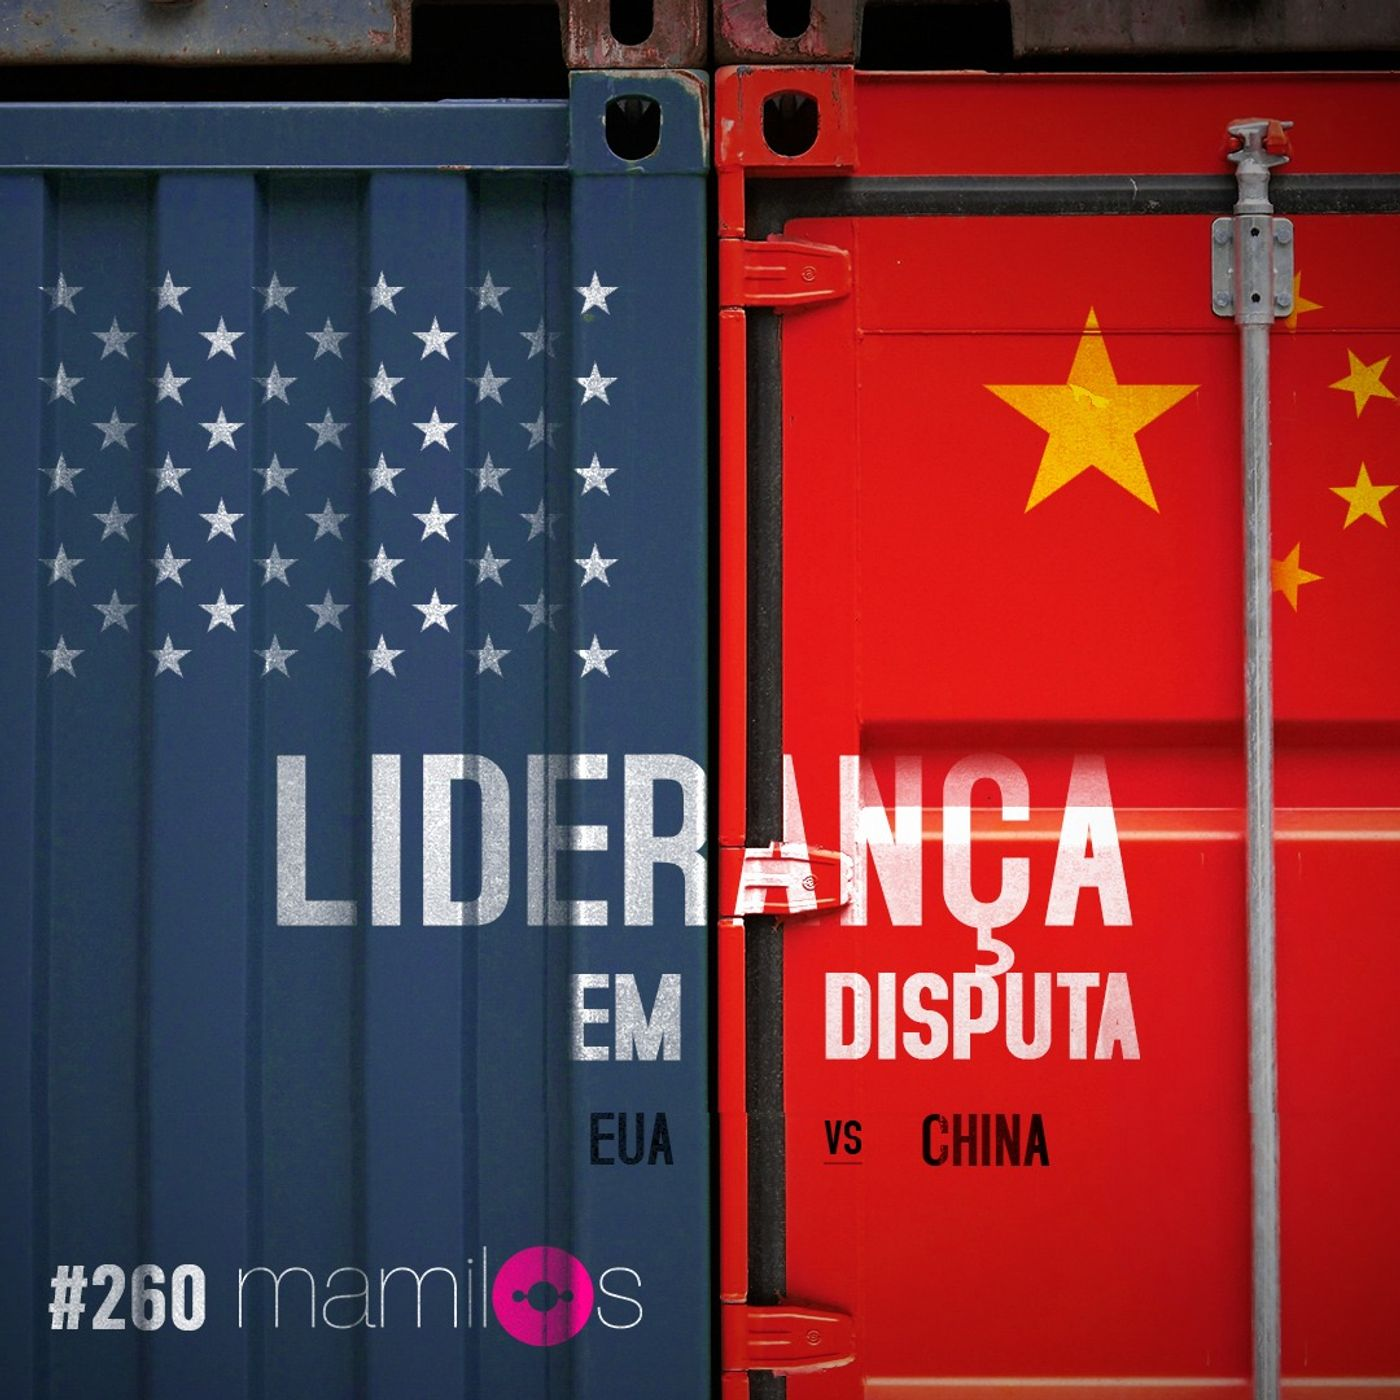 EUA x China: Liderança em Disputa